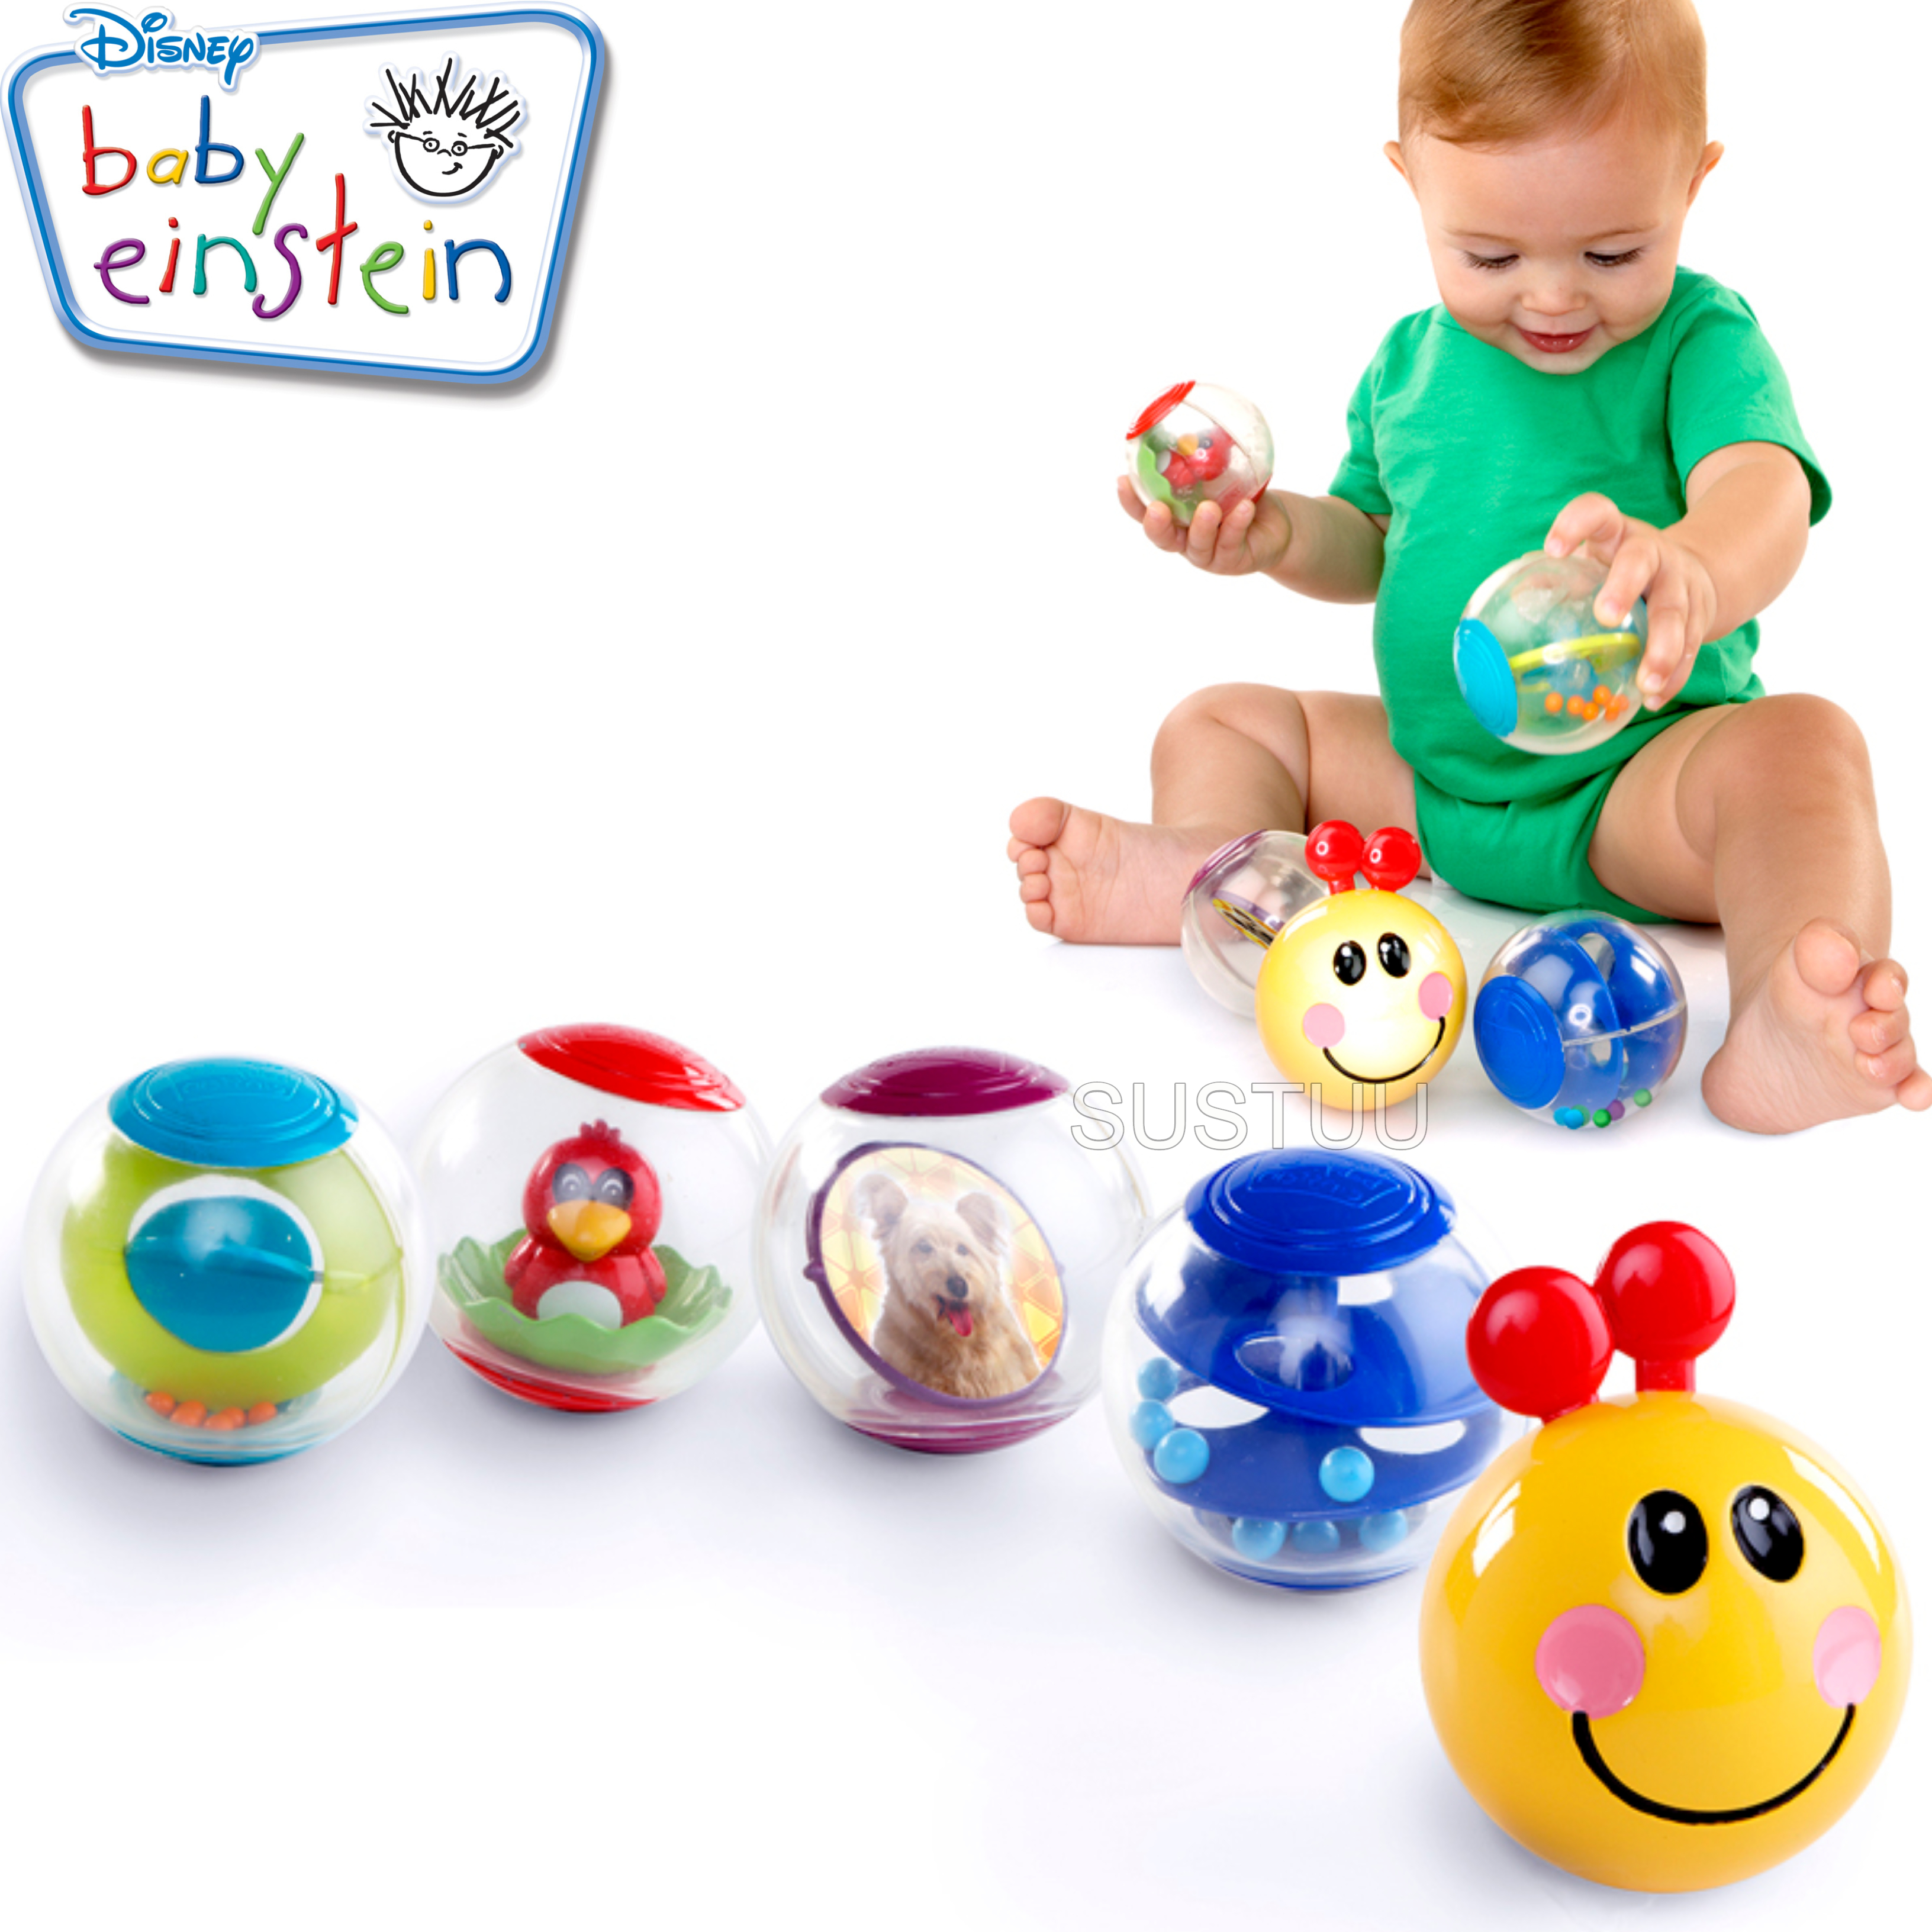 Baby Einstein Roller-Pillar Activity Balls   Kids Learning Toy With Mirror+Rattle